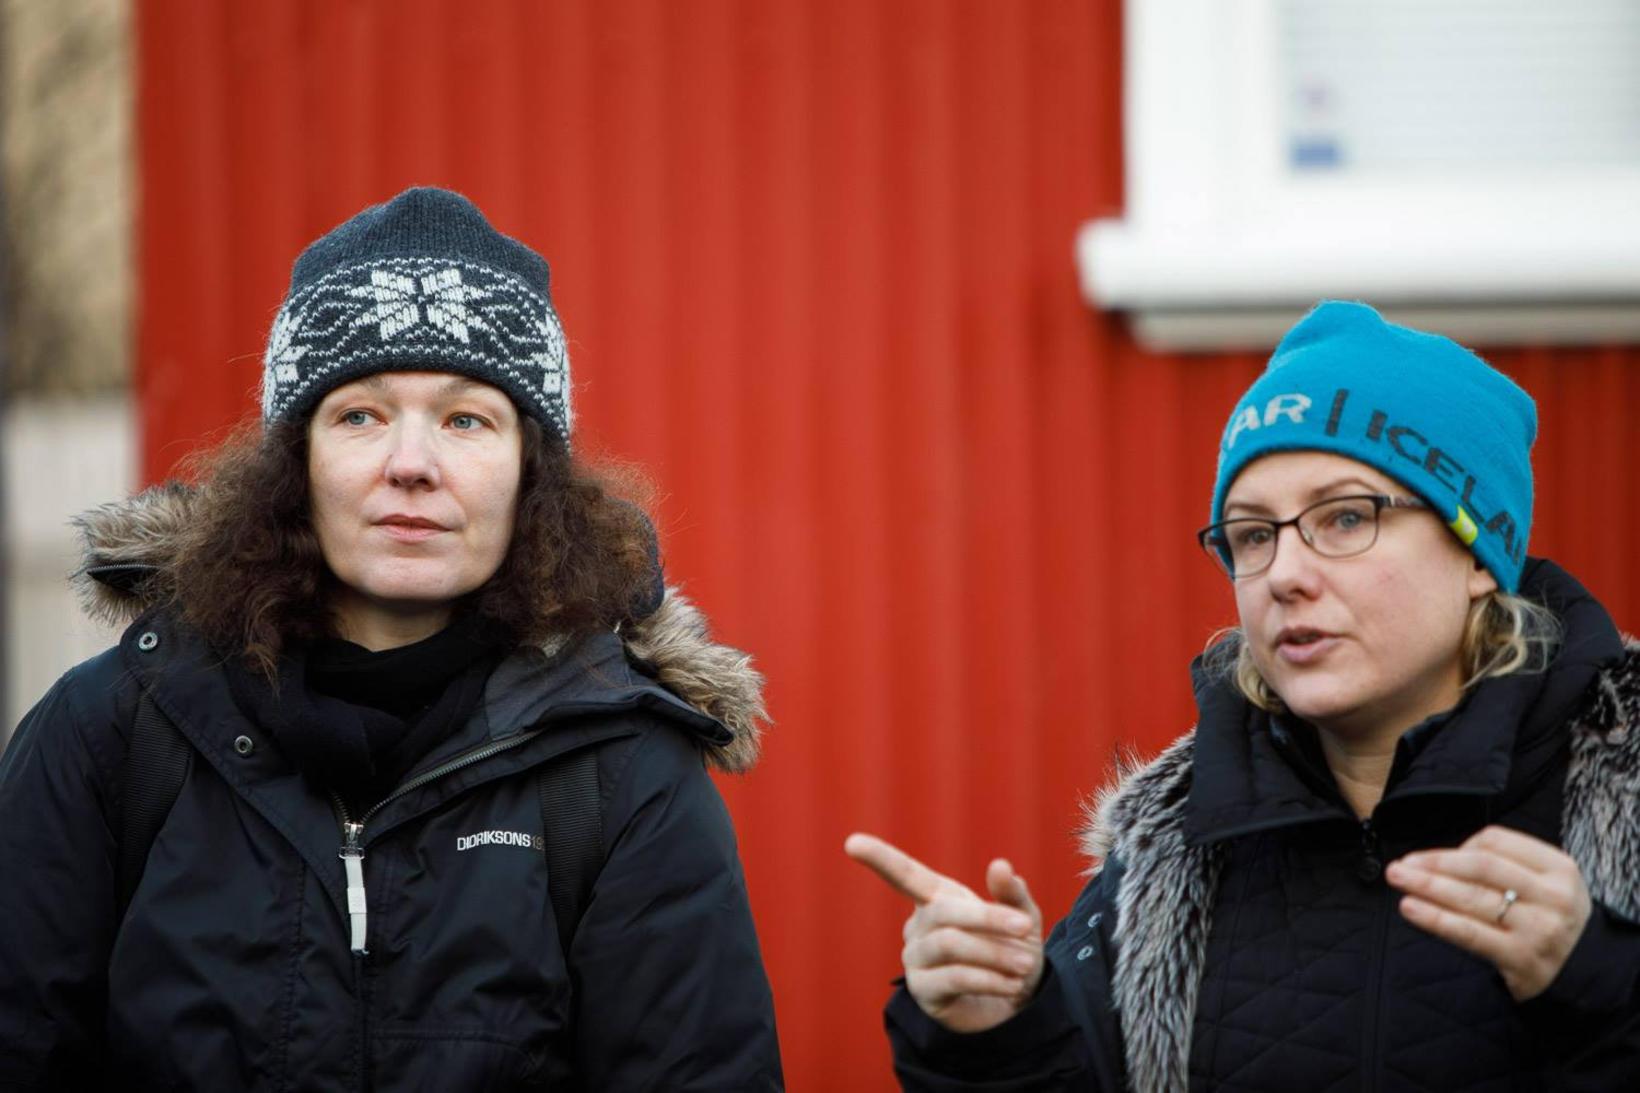 Karolina Lewicka leikstjóri (t.v.) og Kristin Fieldhous kvikmyndatökustjóri.